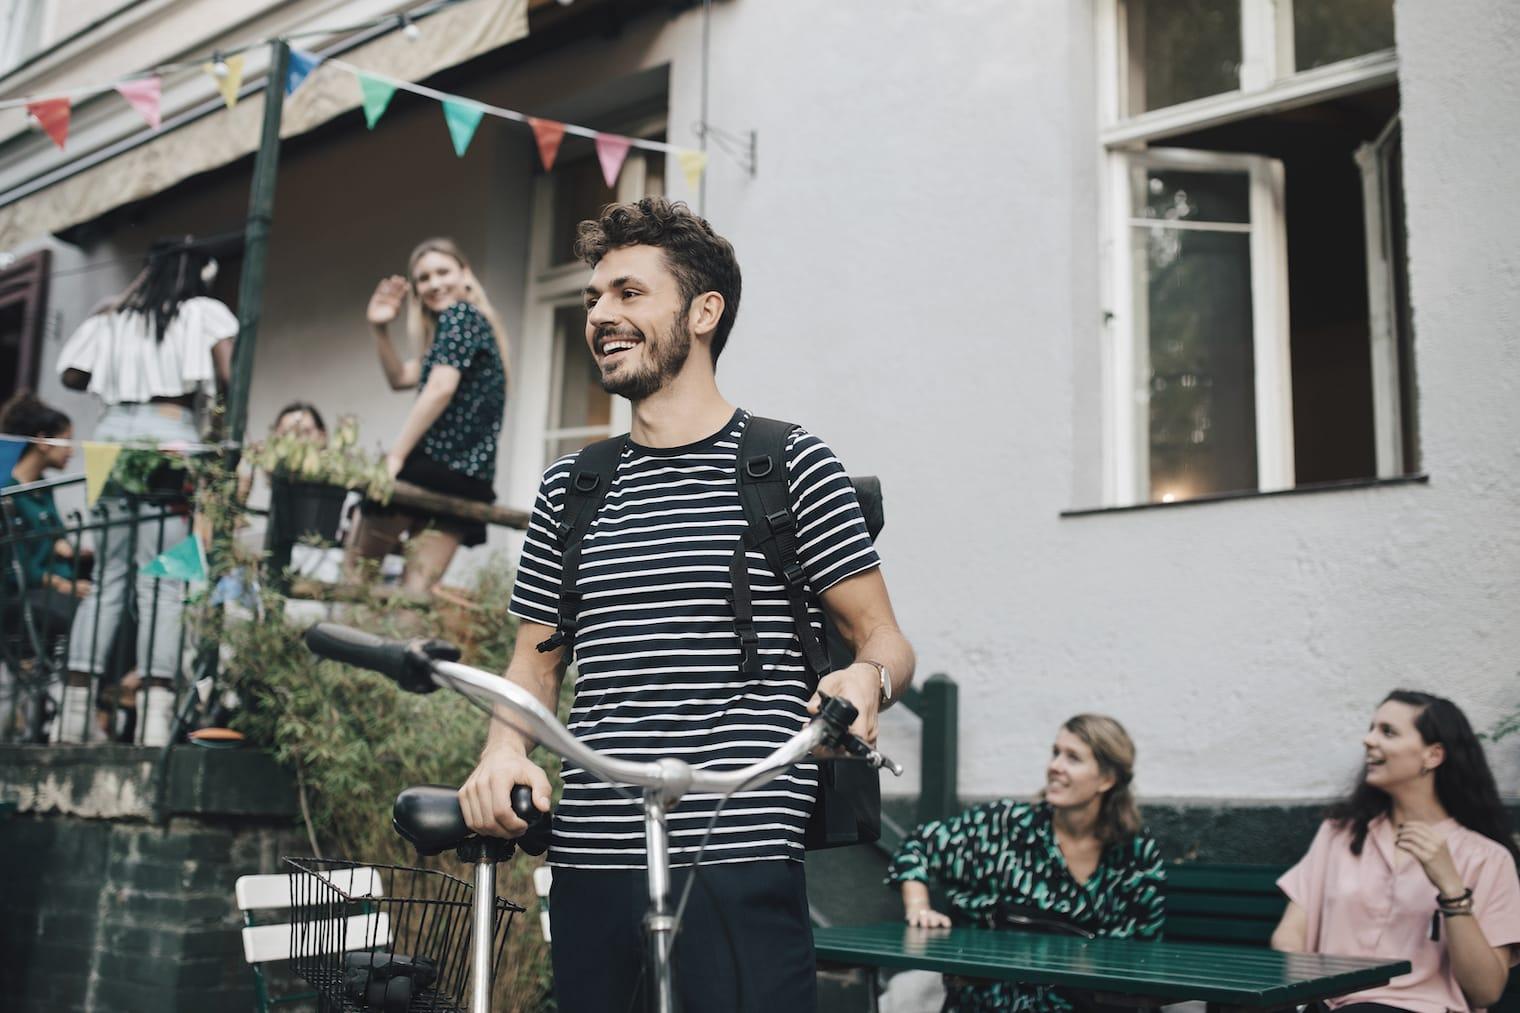 Ein junger Mann hält lächelnd sein Fahrrad. Im Hintergrund sind weitere gut gelaunte Menschen zu erkennen